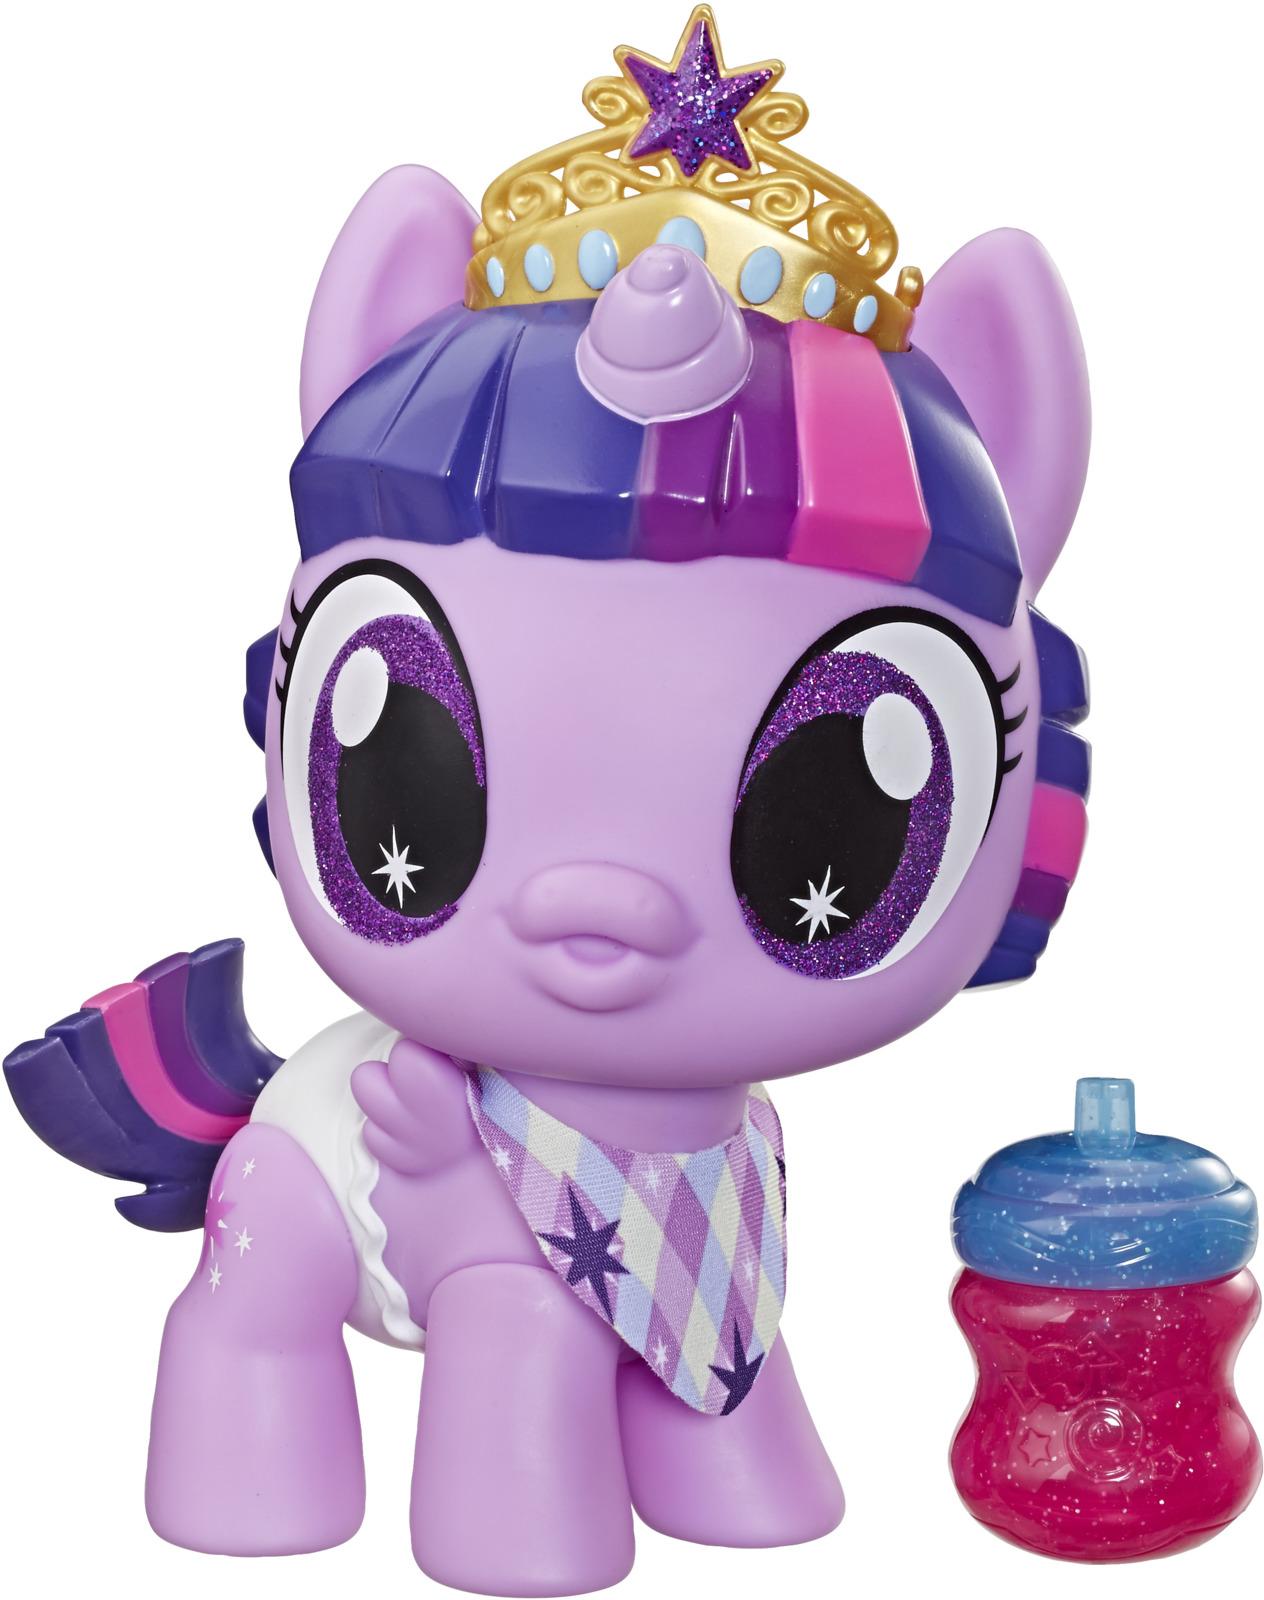 Фигурка My Little Pony Малыш Твайлайт Спаркл, с аксессуарами, E6551